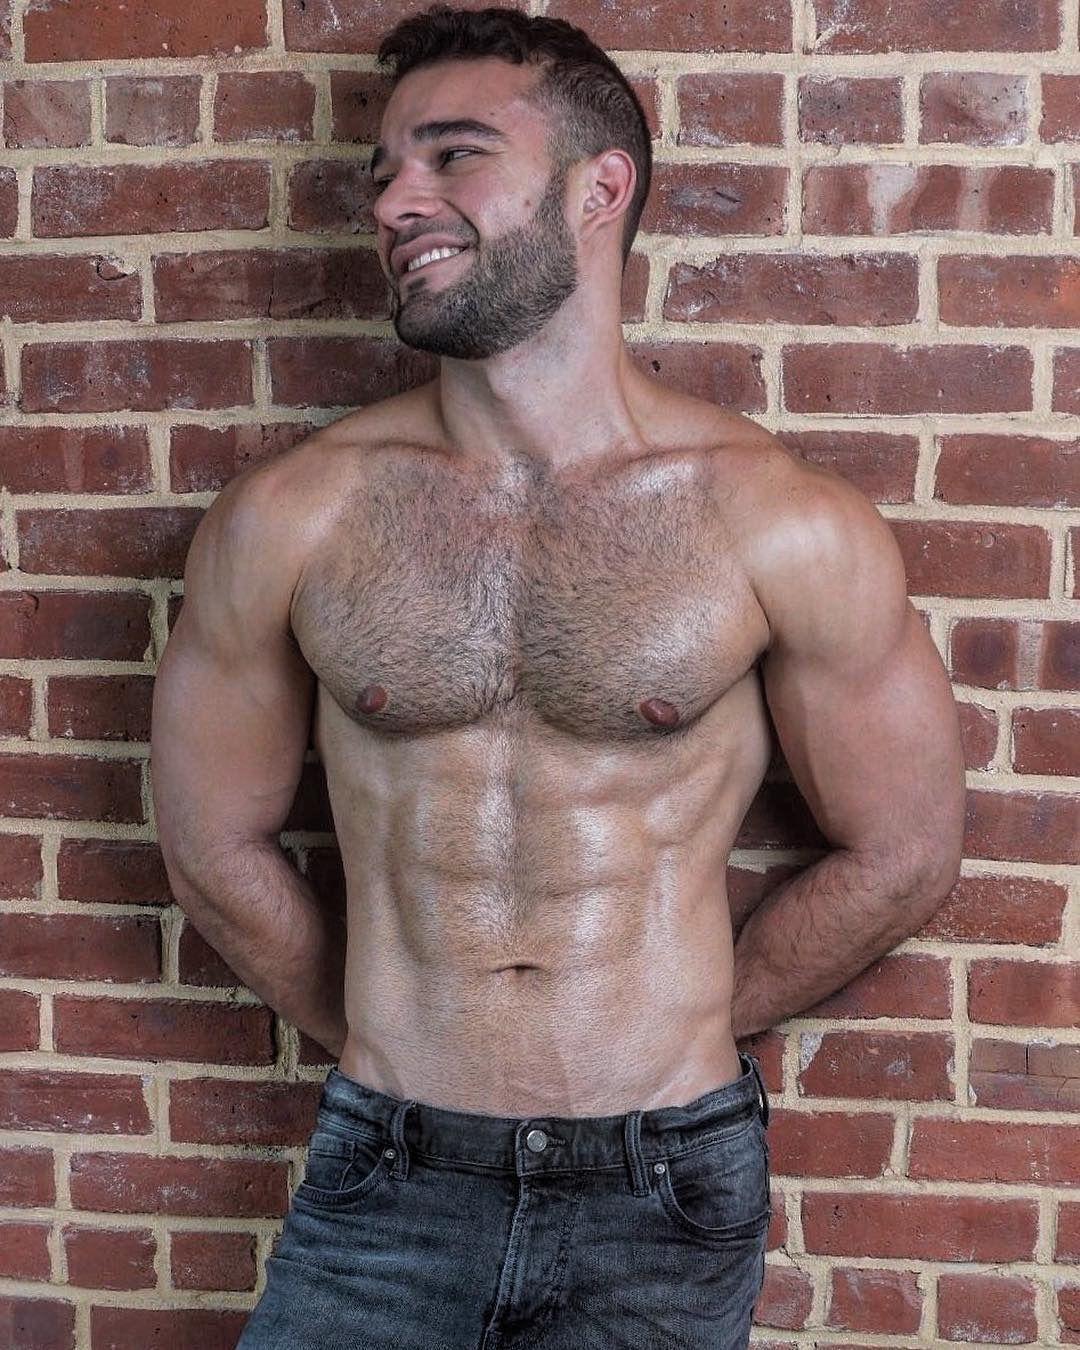 Hot hairy muscle men